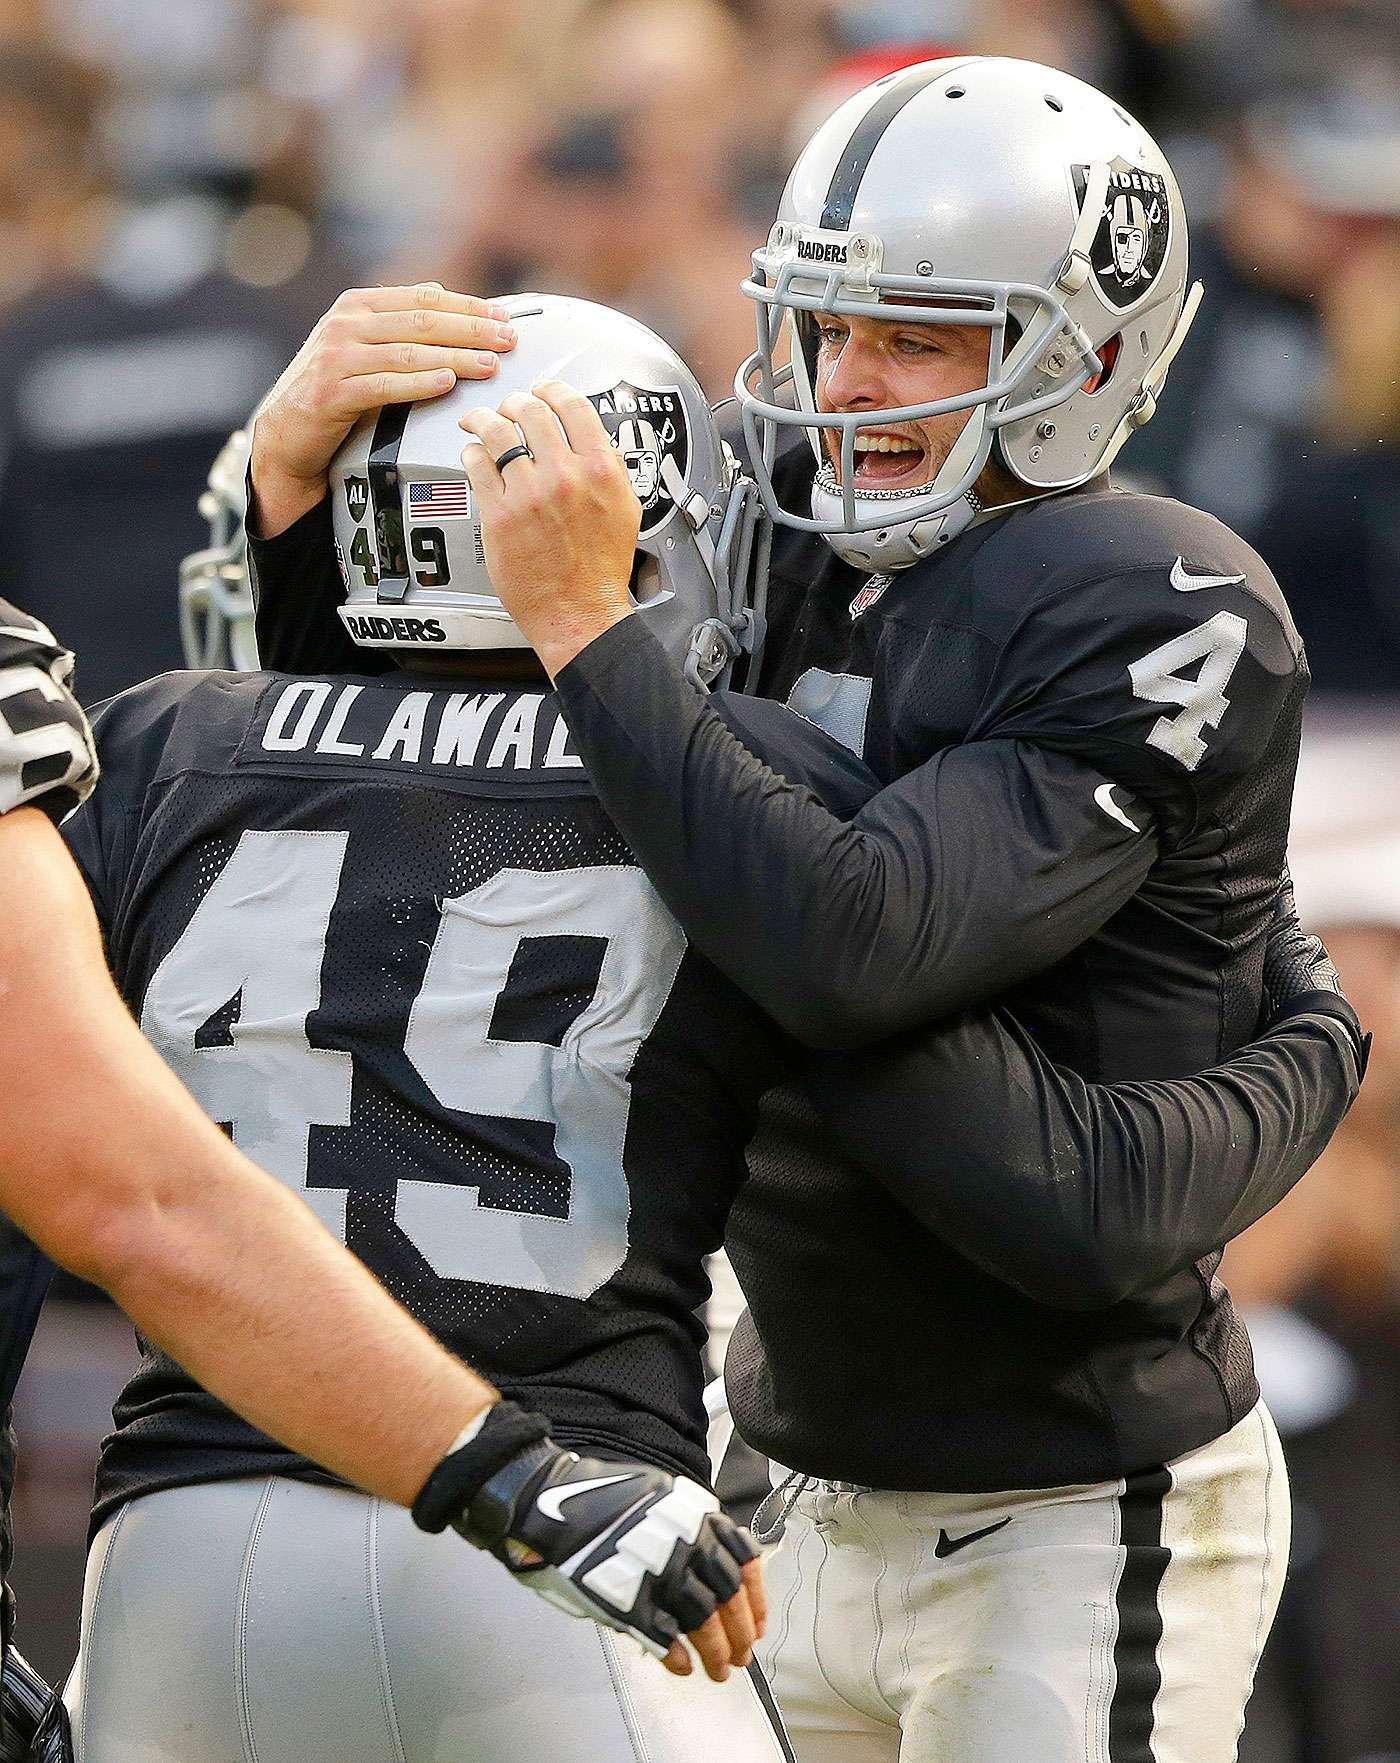 Derek Carr lanzó dos pases de touchdown y Sebastian Janikowski pateó cuatro goles de campo para ayudar a los Raiders saque a los Bills de los playoffs con un triunfo de 26-24. Los Bills (8-7) necesitaban ganar sus dos últimos partidos y un poco de ayuda para poner fin a la sequía más larga de playoffs en activo de la NFL con 15 temporadas. Los Raiders llegaron a 13 años sin postemporada. Foto: AP